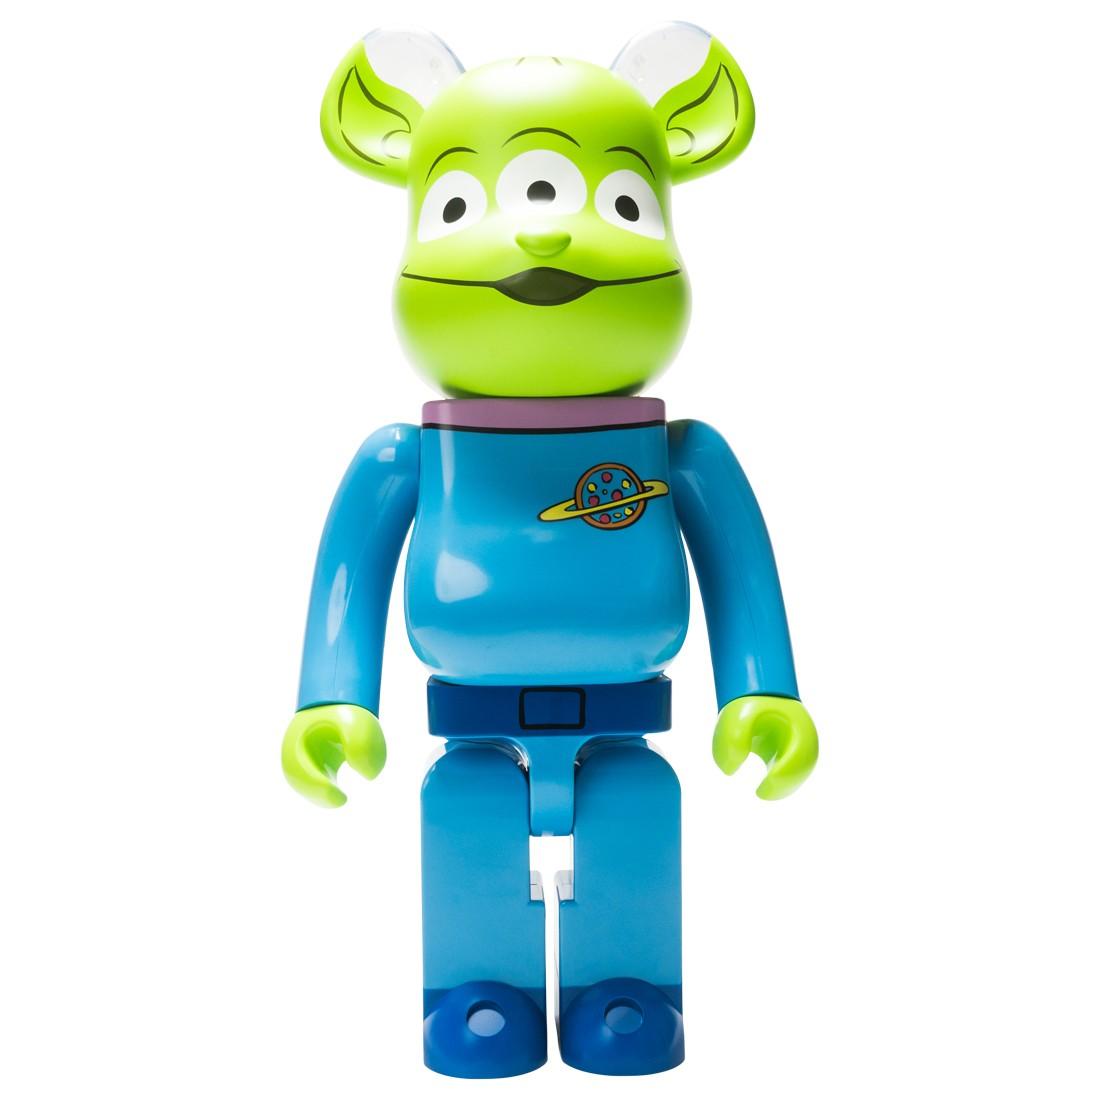 Medicom Disney Toy Story Alien 1000% Bearbrick Figure (blue)